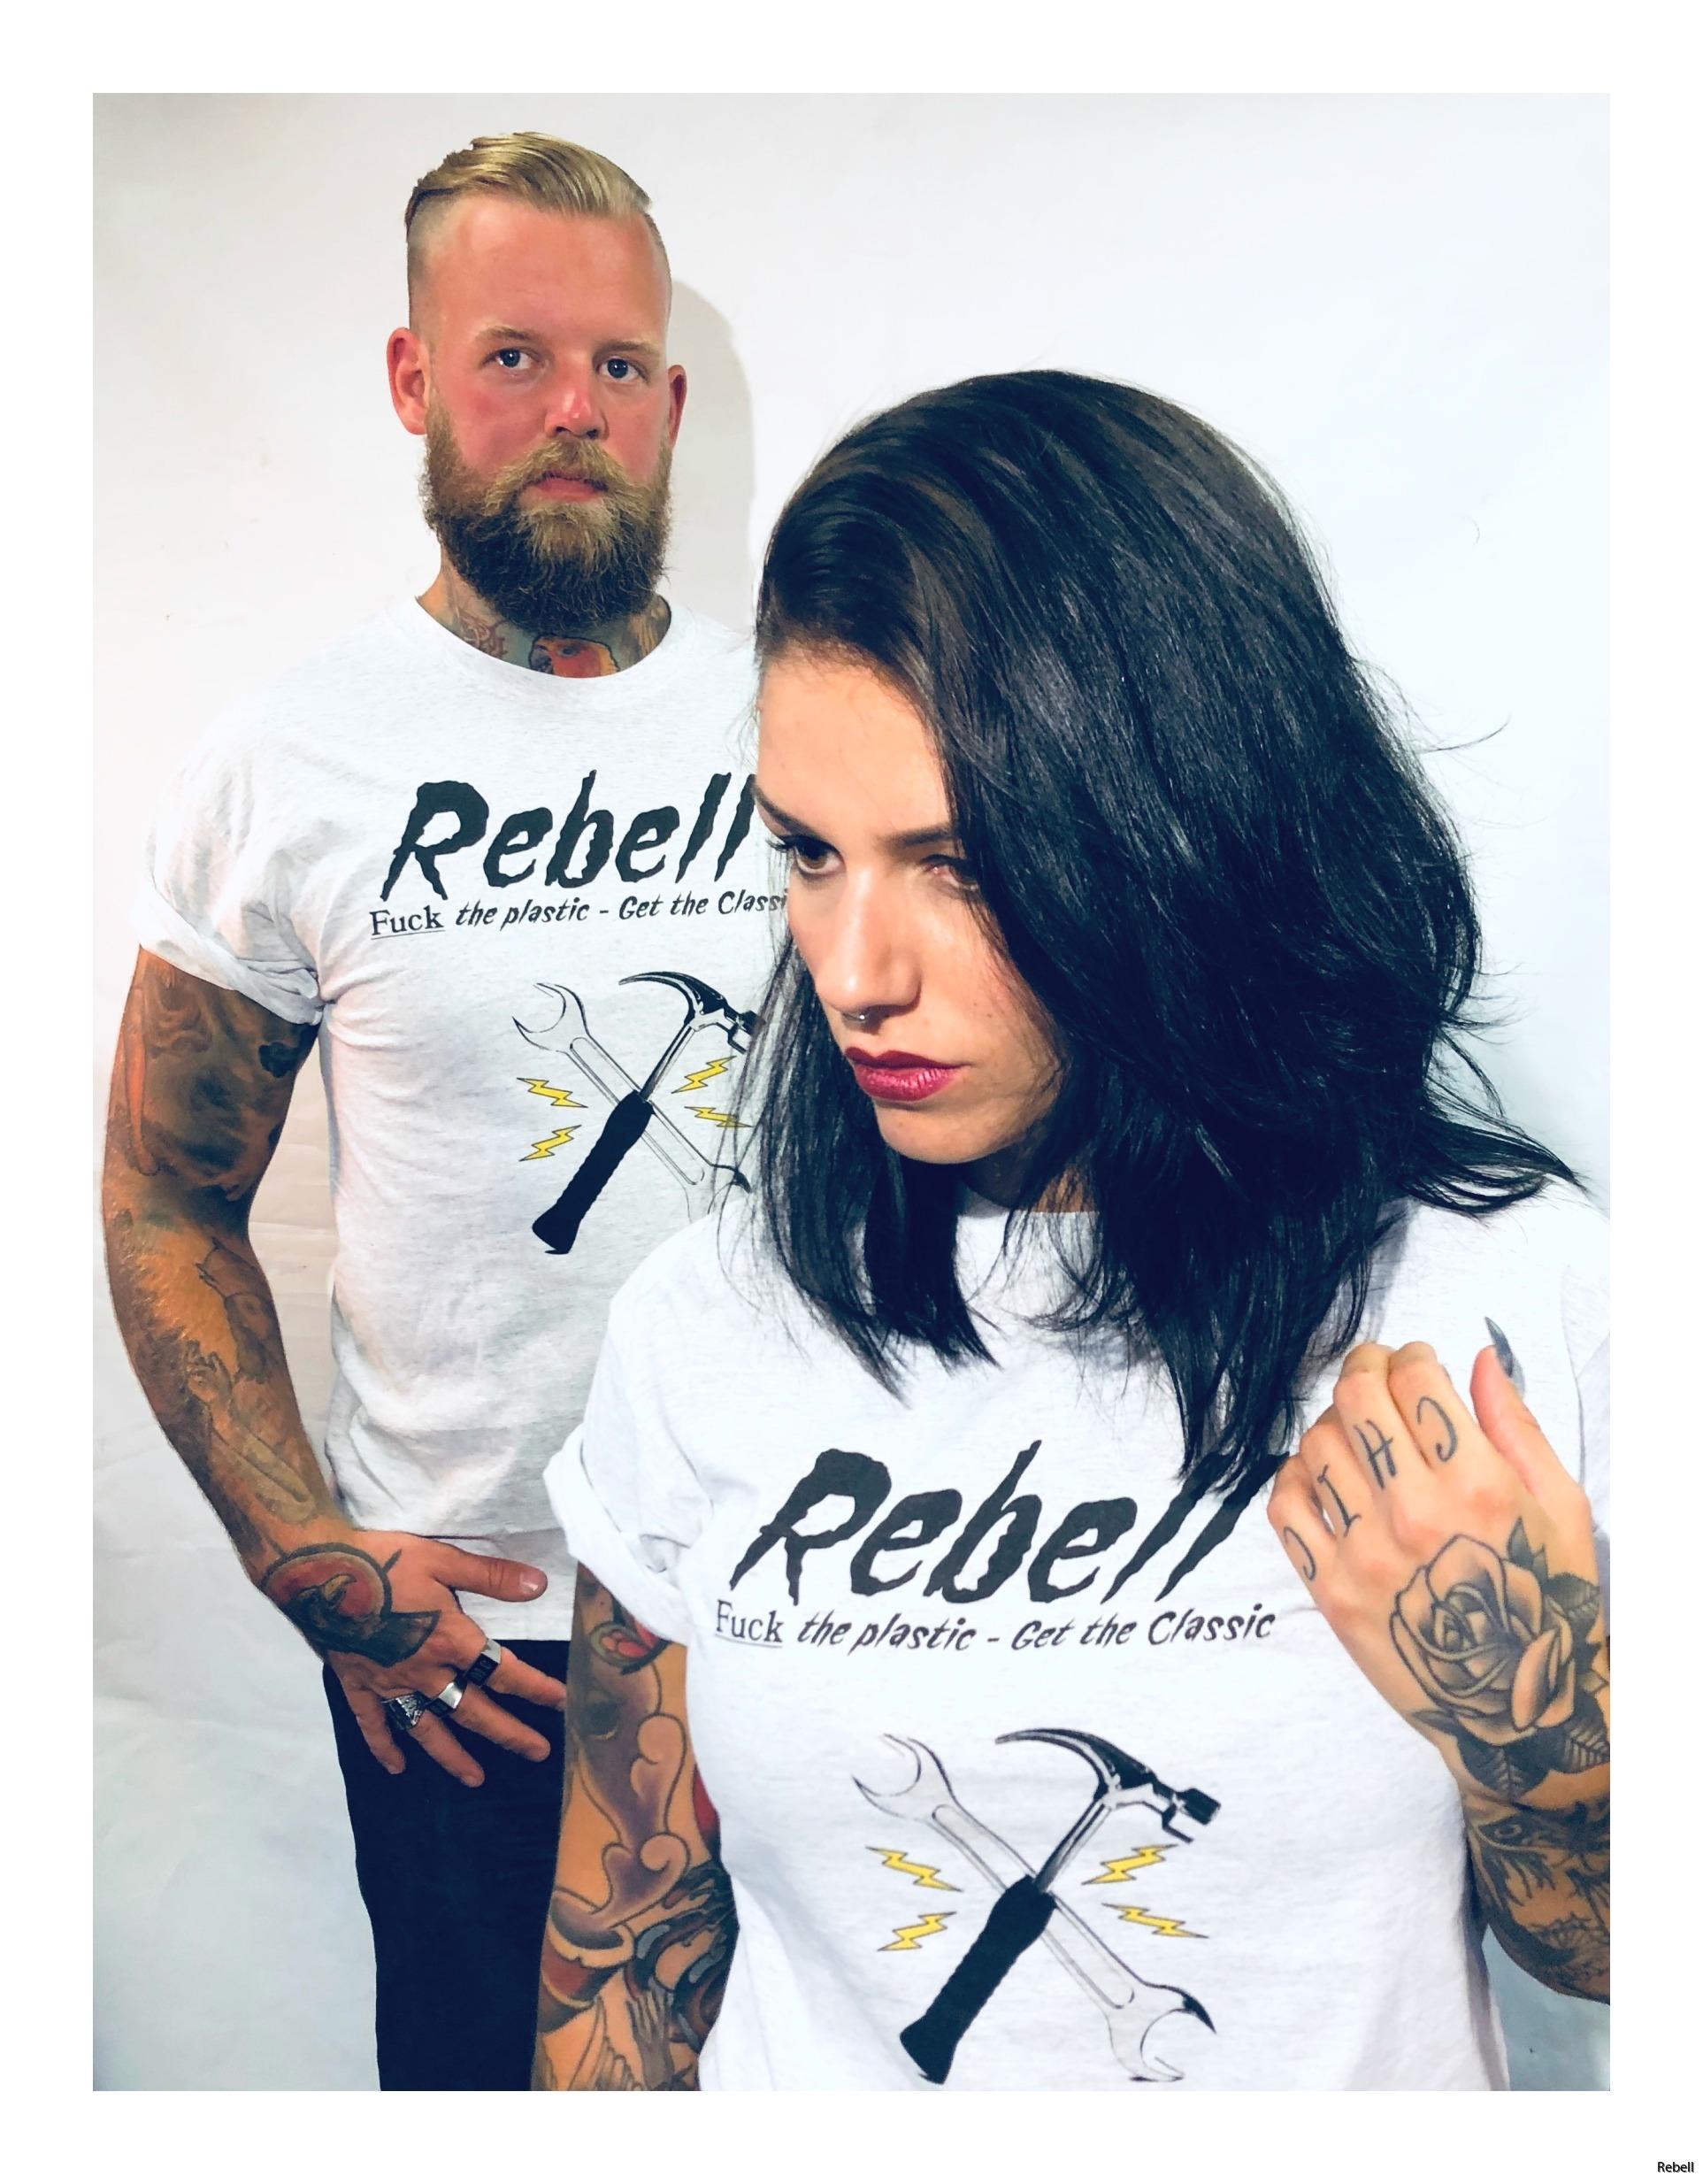 fucktheplastic gettheclassic rebell rebellclothes engine motor tshirt rebellclothes rebellskövde design cars motorcycle verktyg